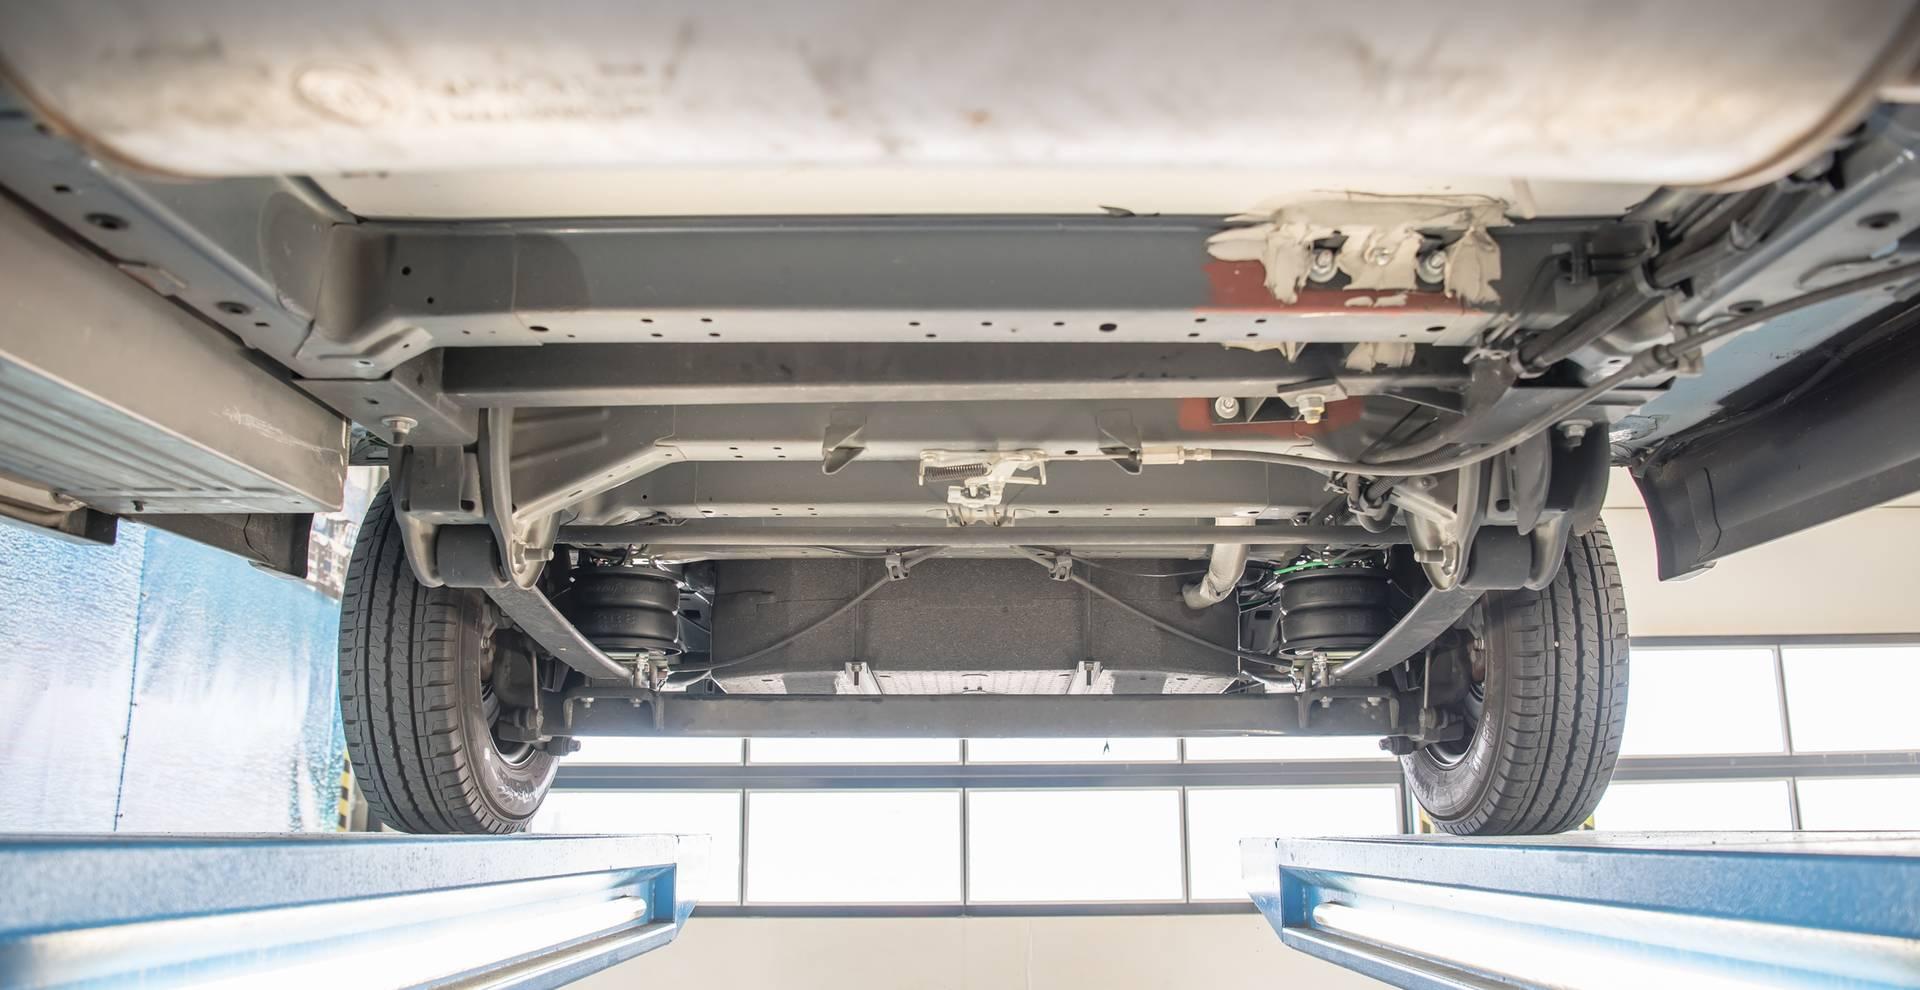 VB-Airsuspension luchtvering systemen